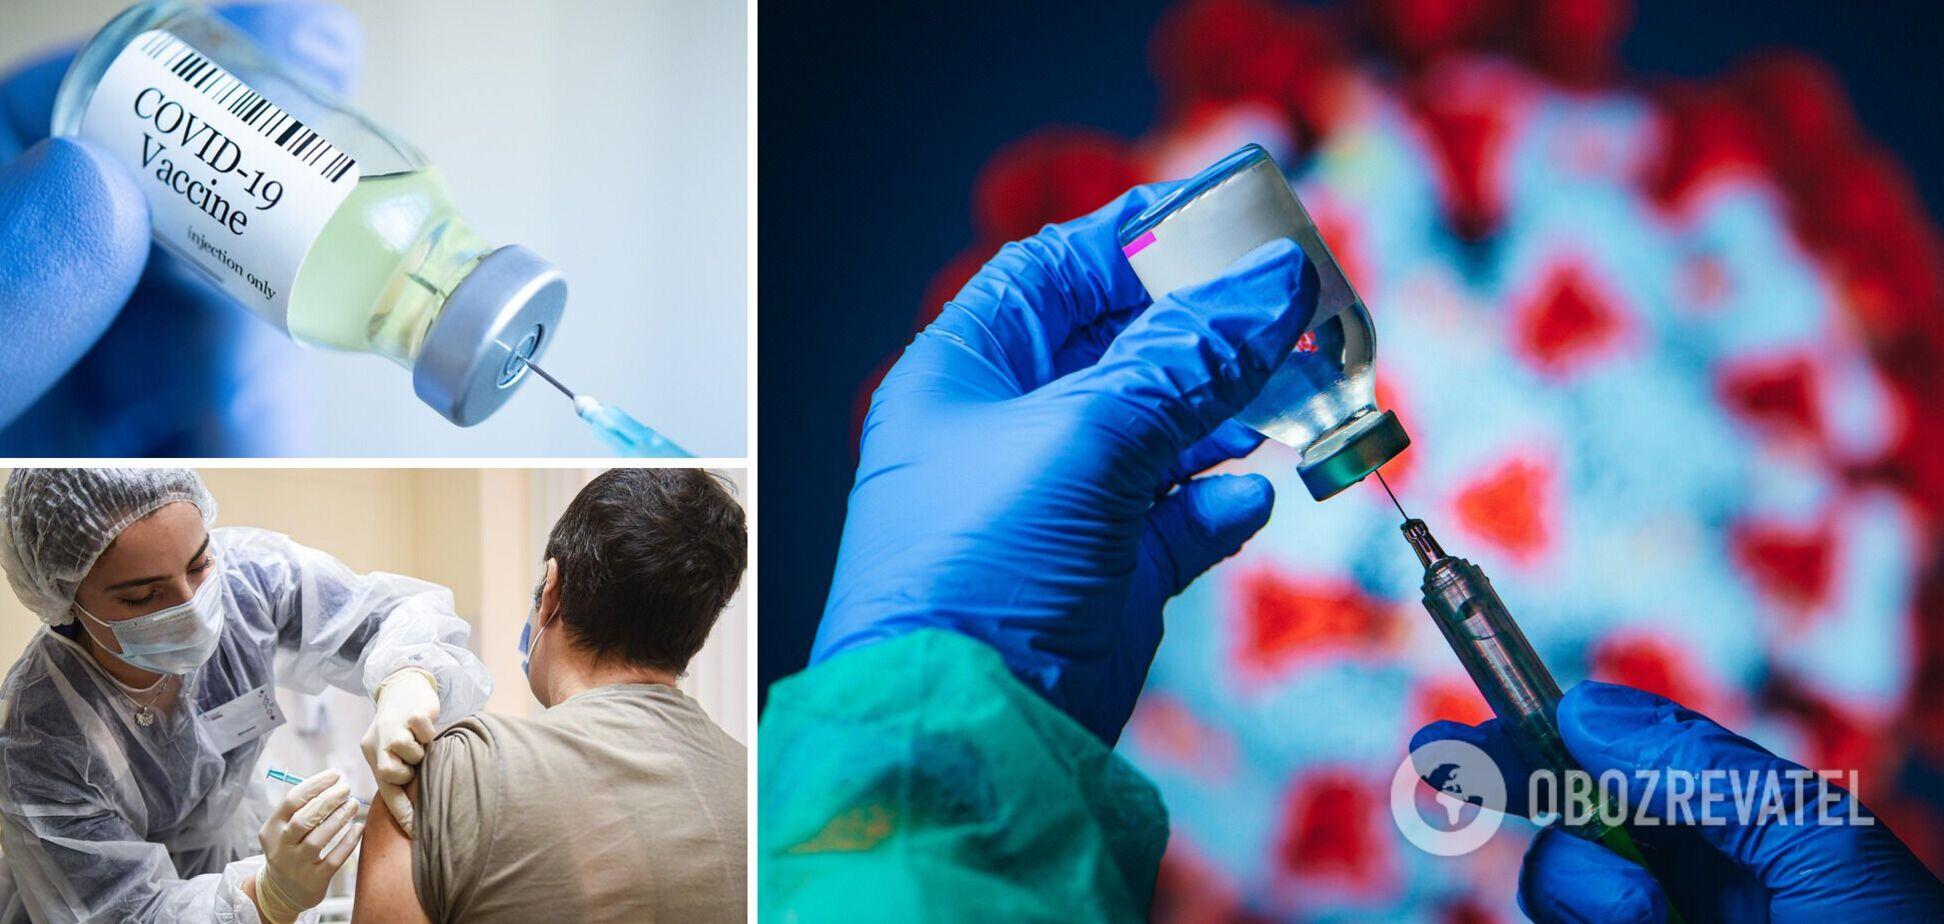 В Украине установили новый рекорд по вакцинации от COVID-19: больше 170 тыс. уколов за сутки